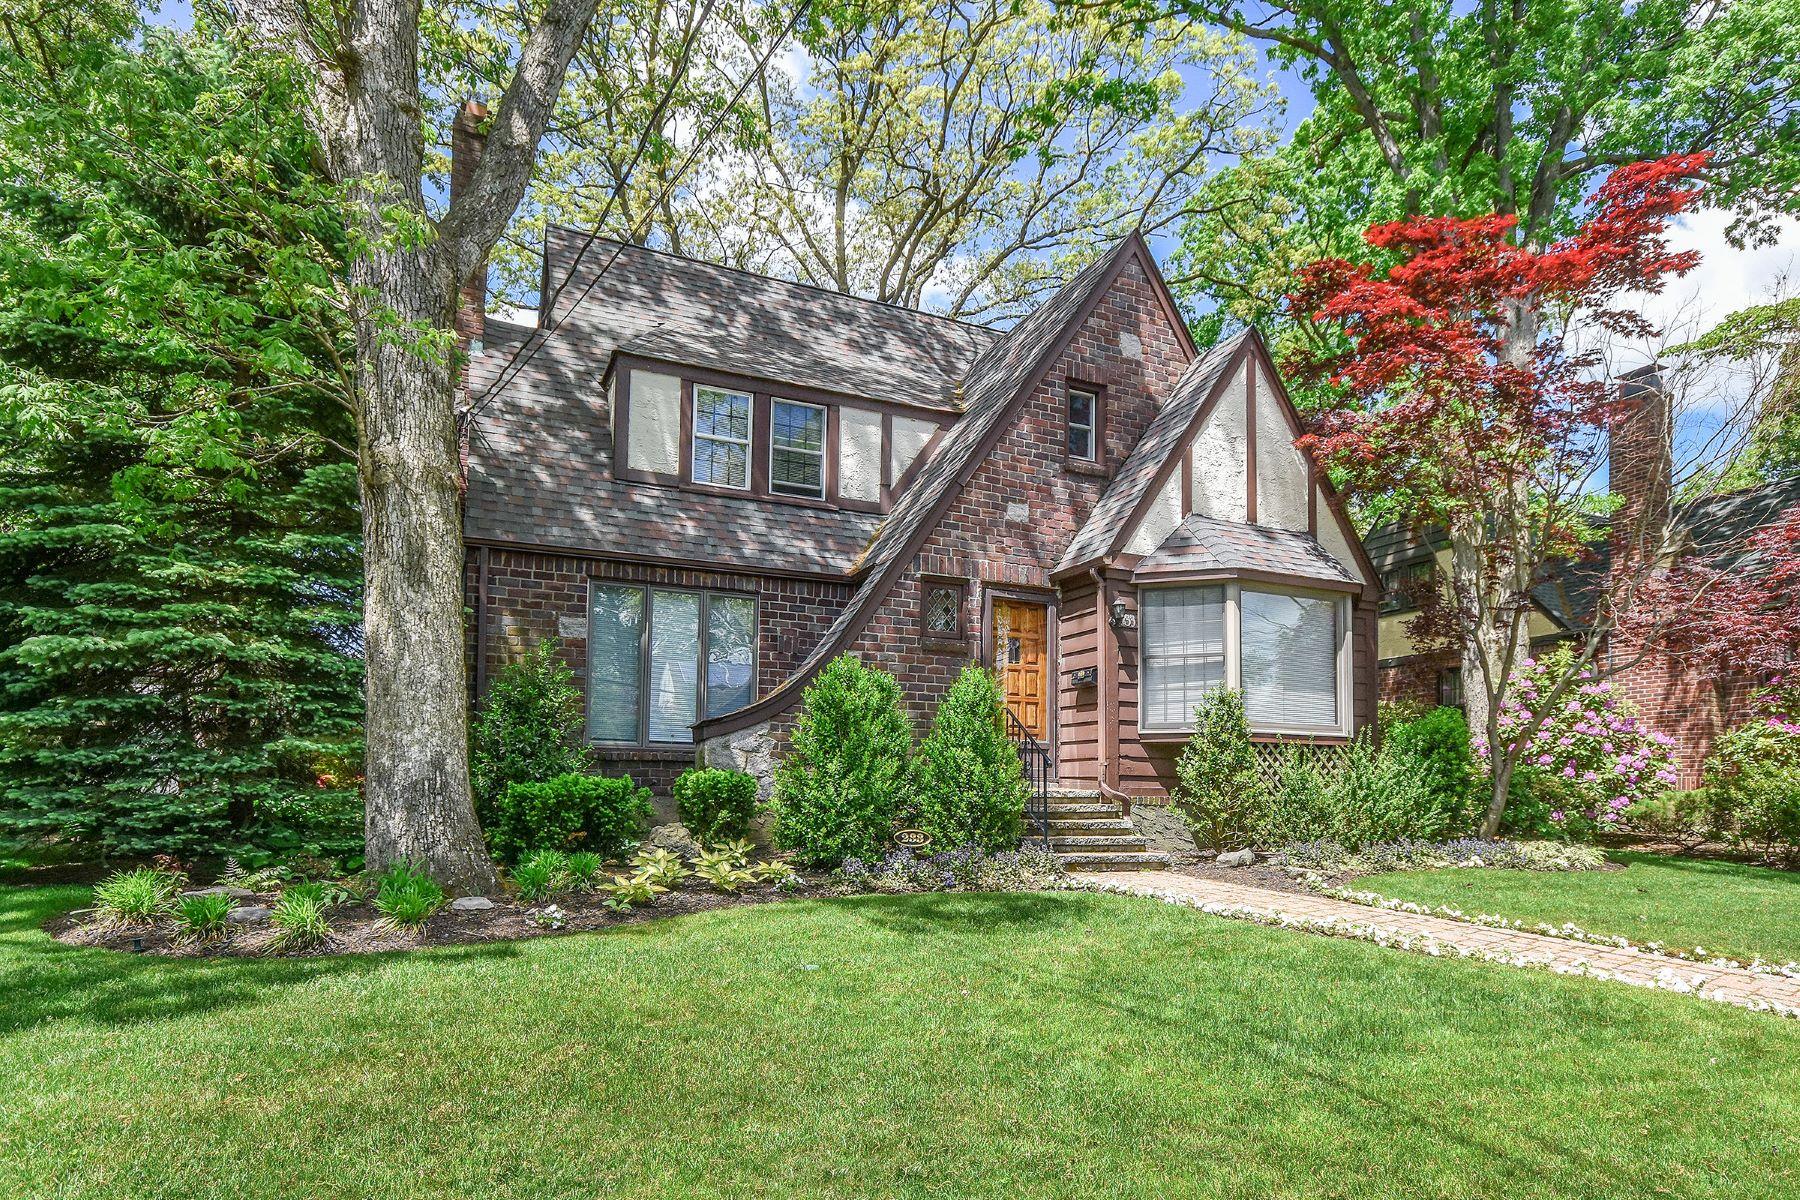 Single Family Homes for Sale at Merrick 233 Little Whaleneck Rd Merrick, New York 11566 United States